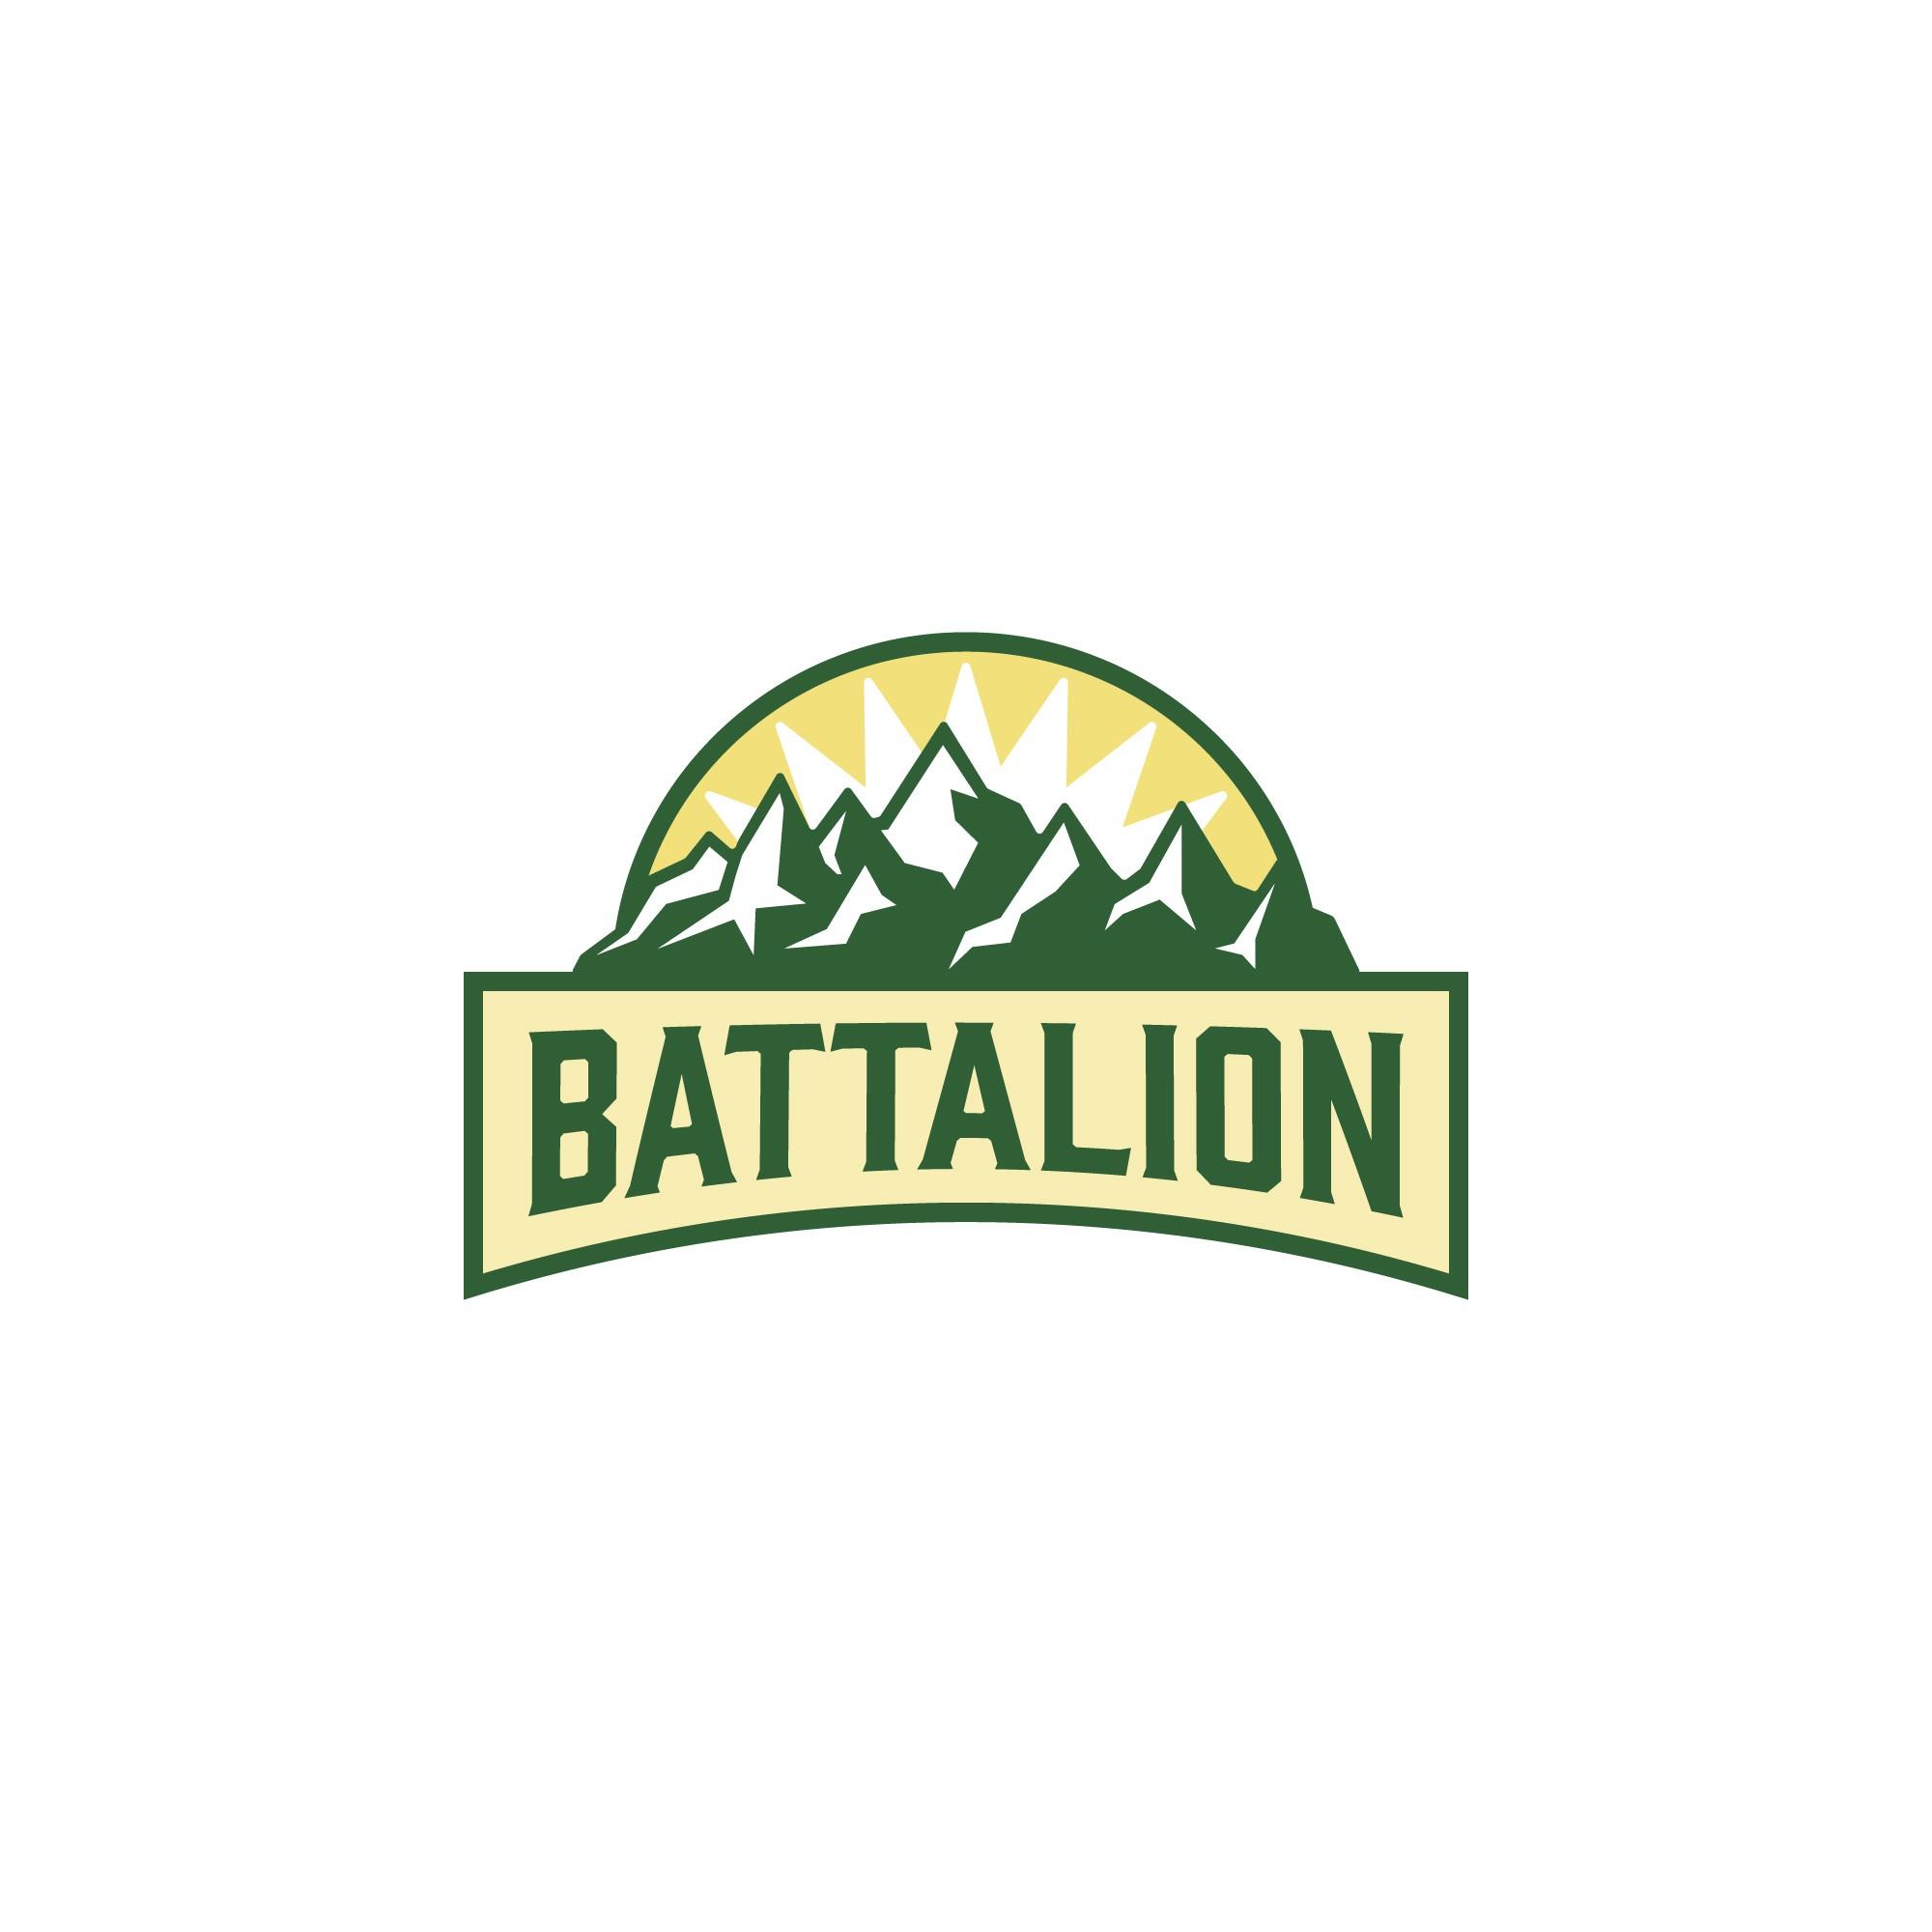 CSB Battalion Logo